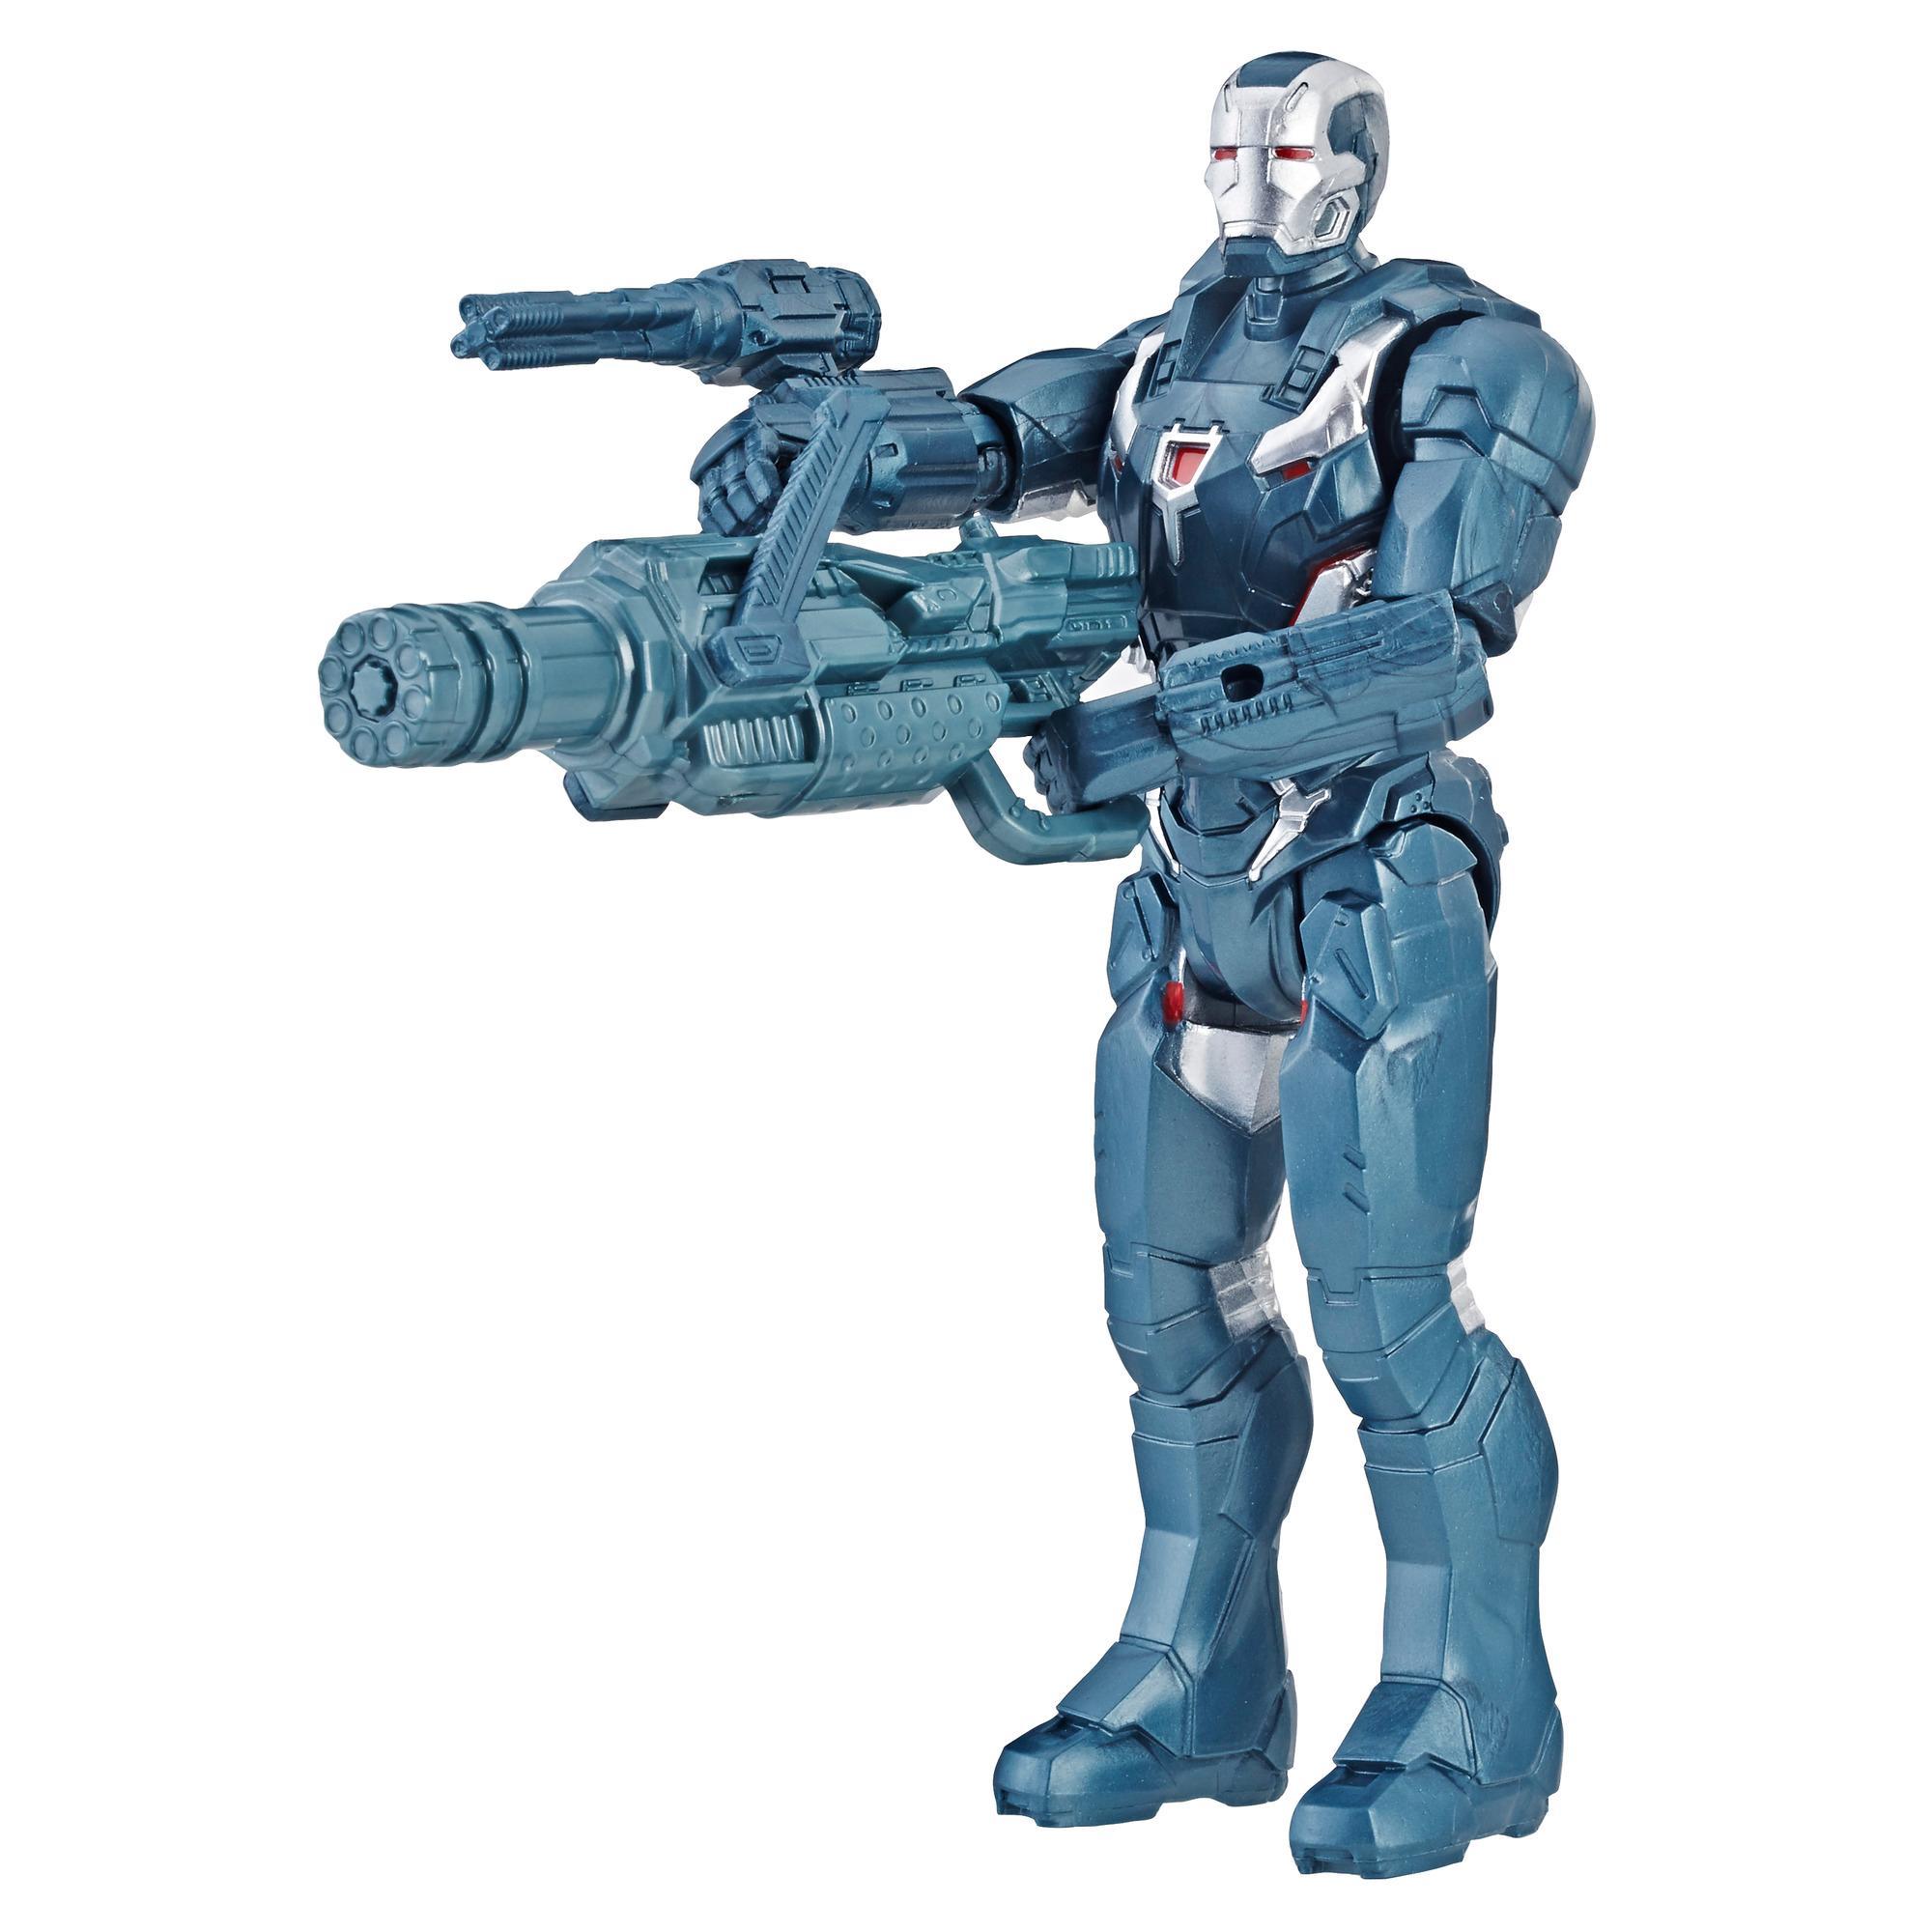 Marvel Avengers: Endgame - War Machine (Action Figure, 15 cm)